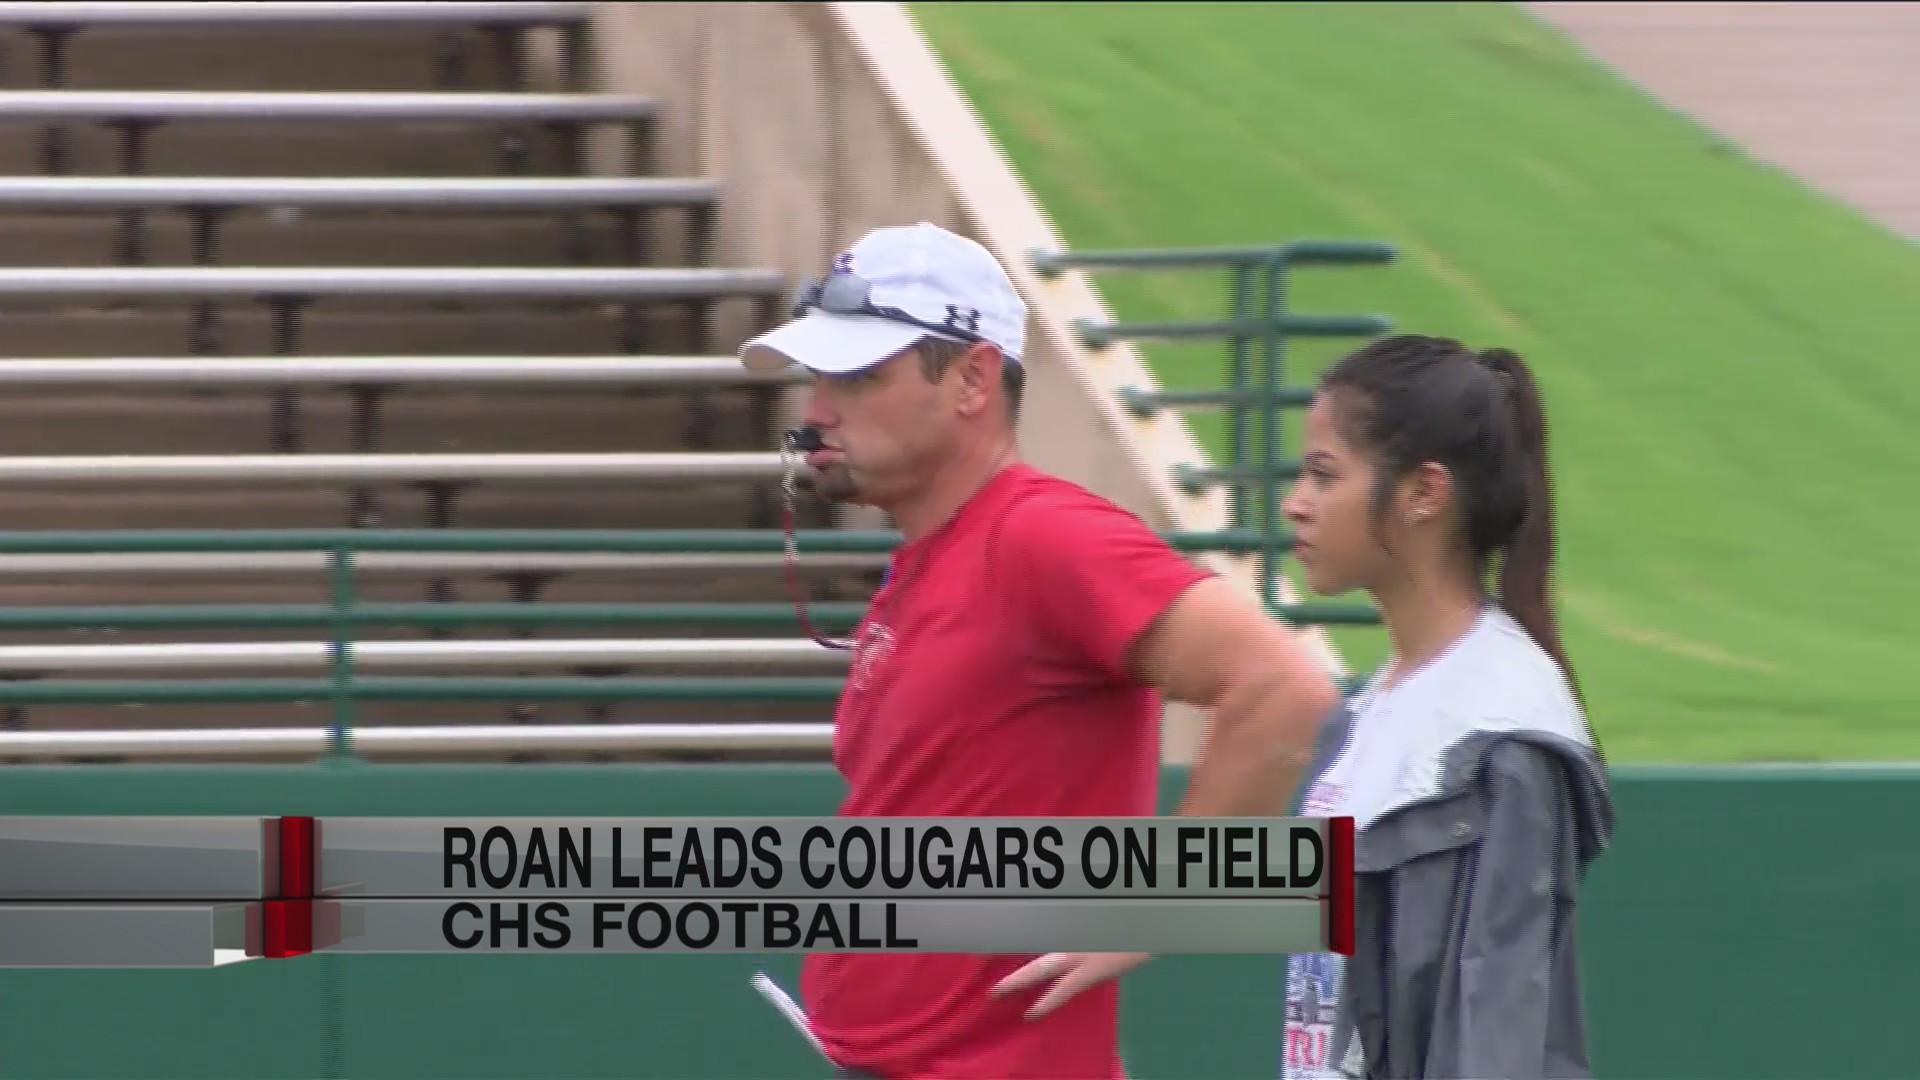 Aaron Roan leads Cooper on field